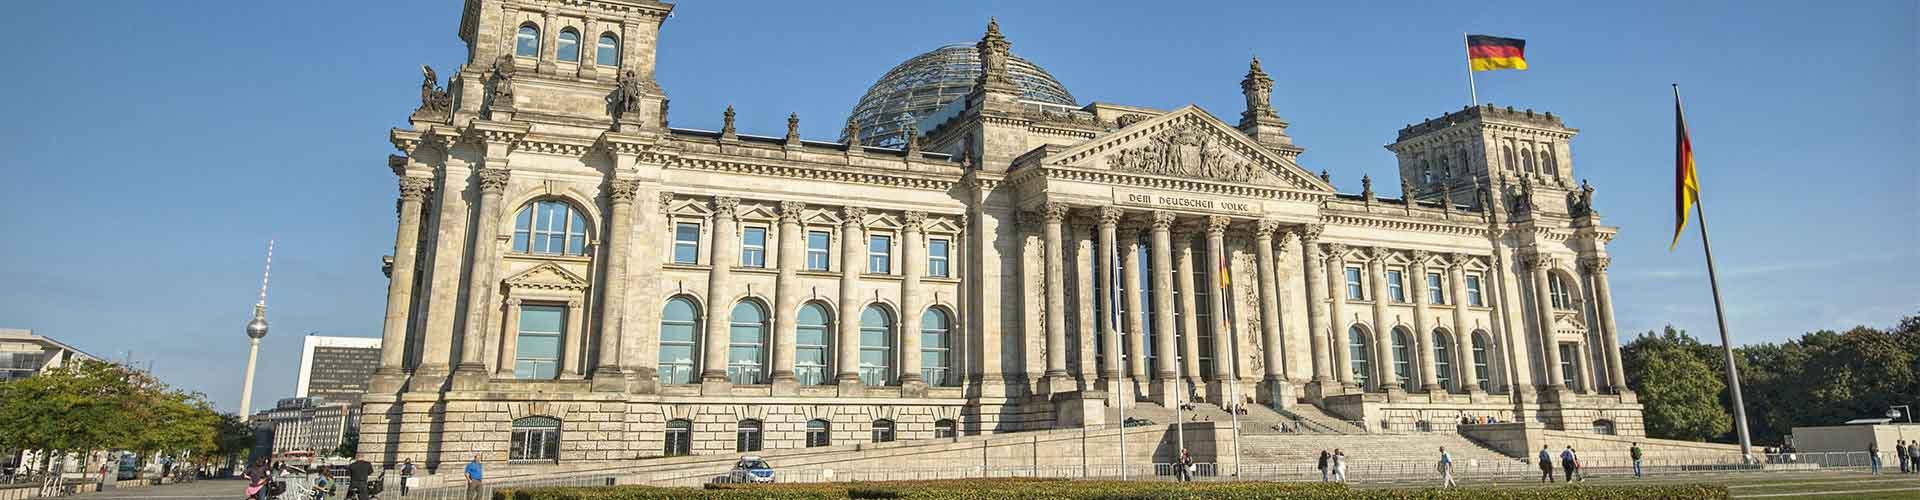 柏林 – 德国国会大厦附近的露营地。柏林地图,柏林每个露营地的照片和评价。